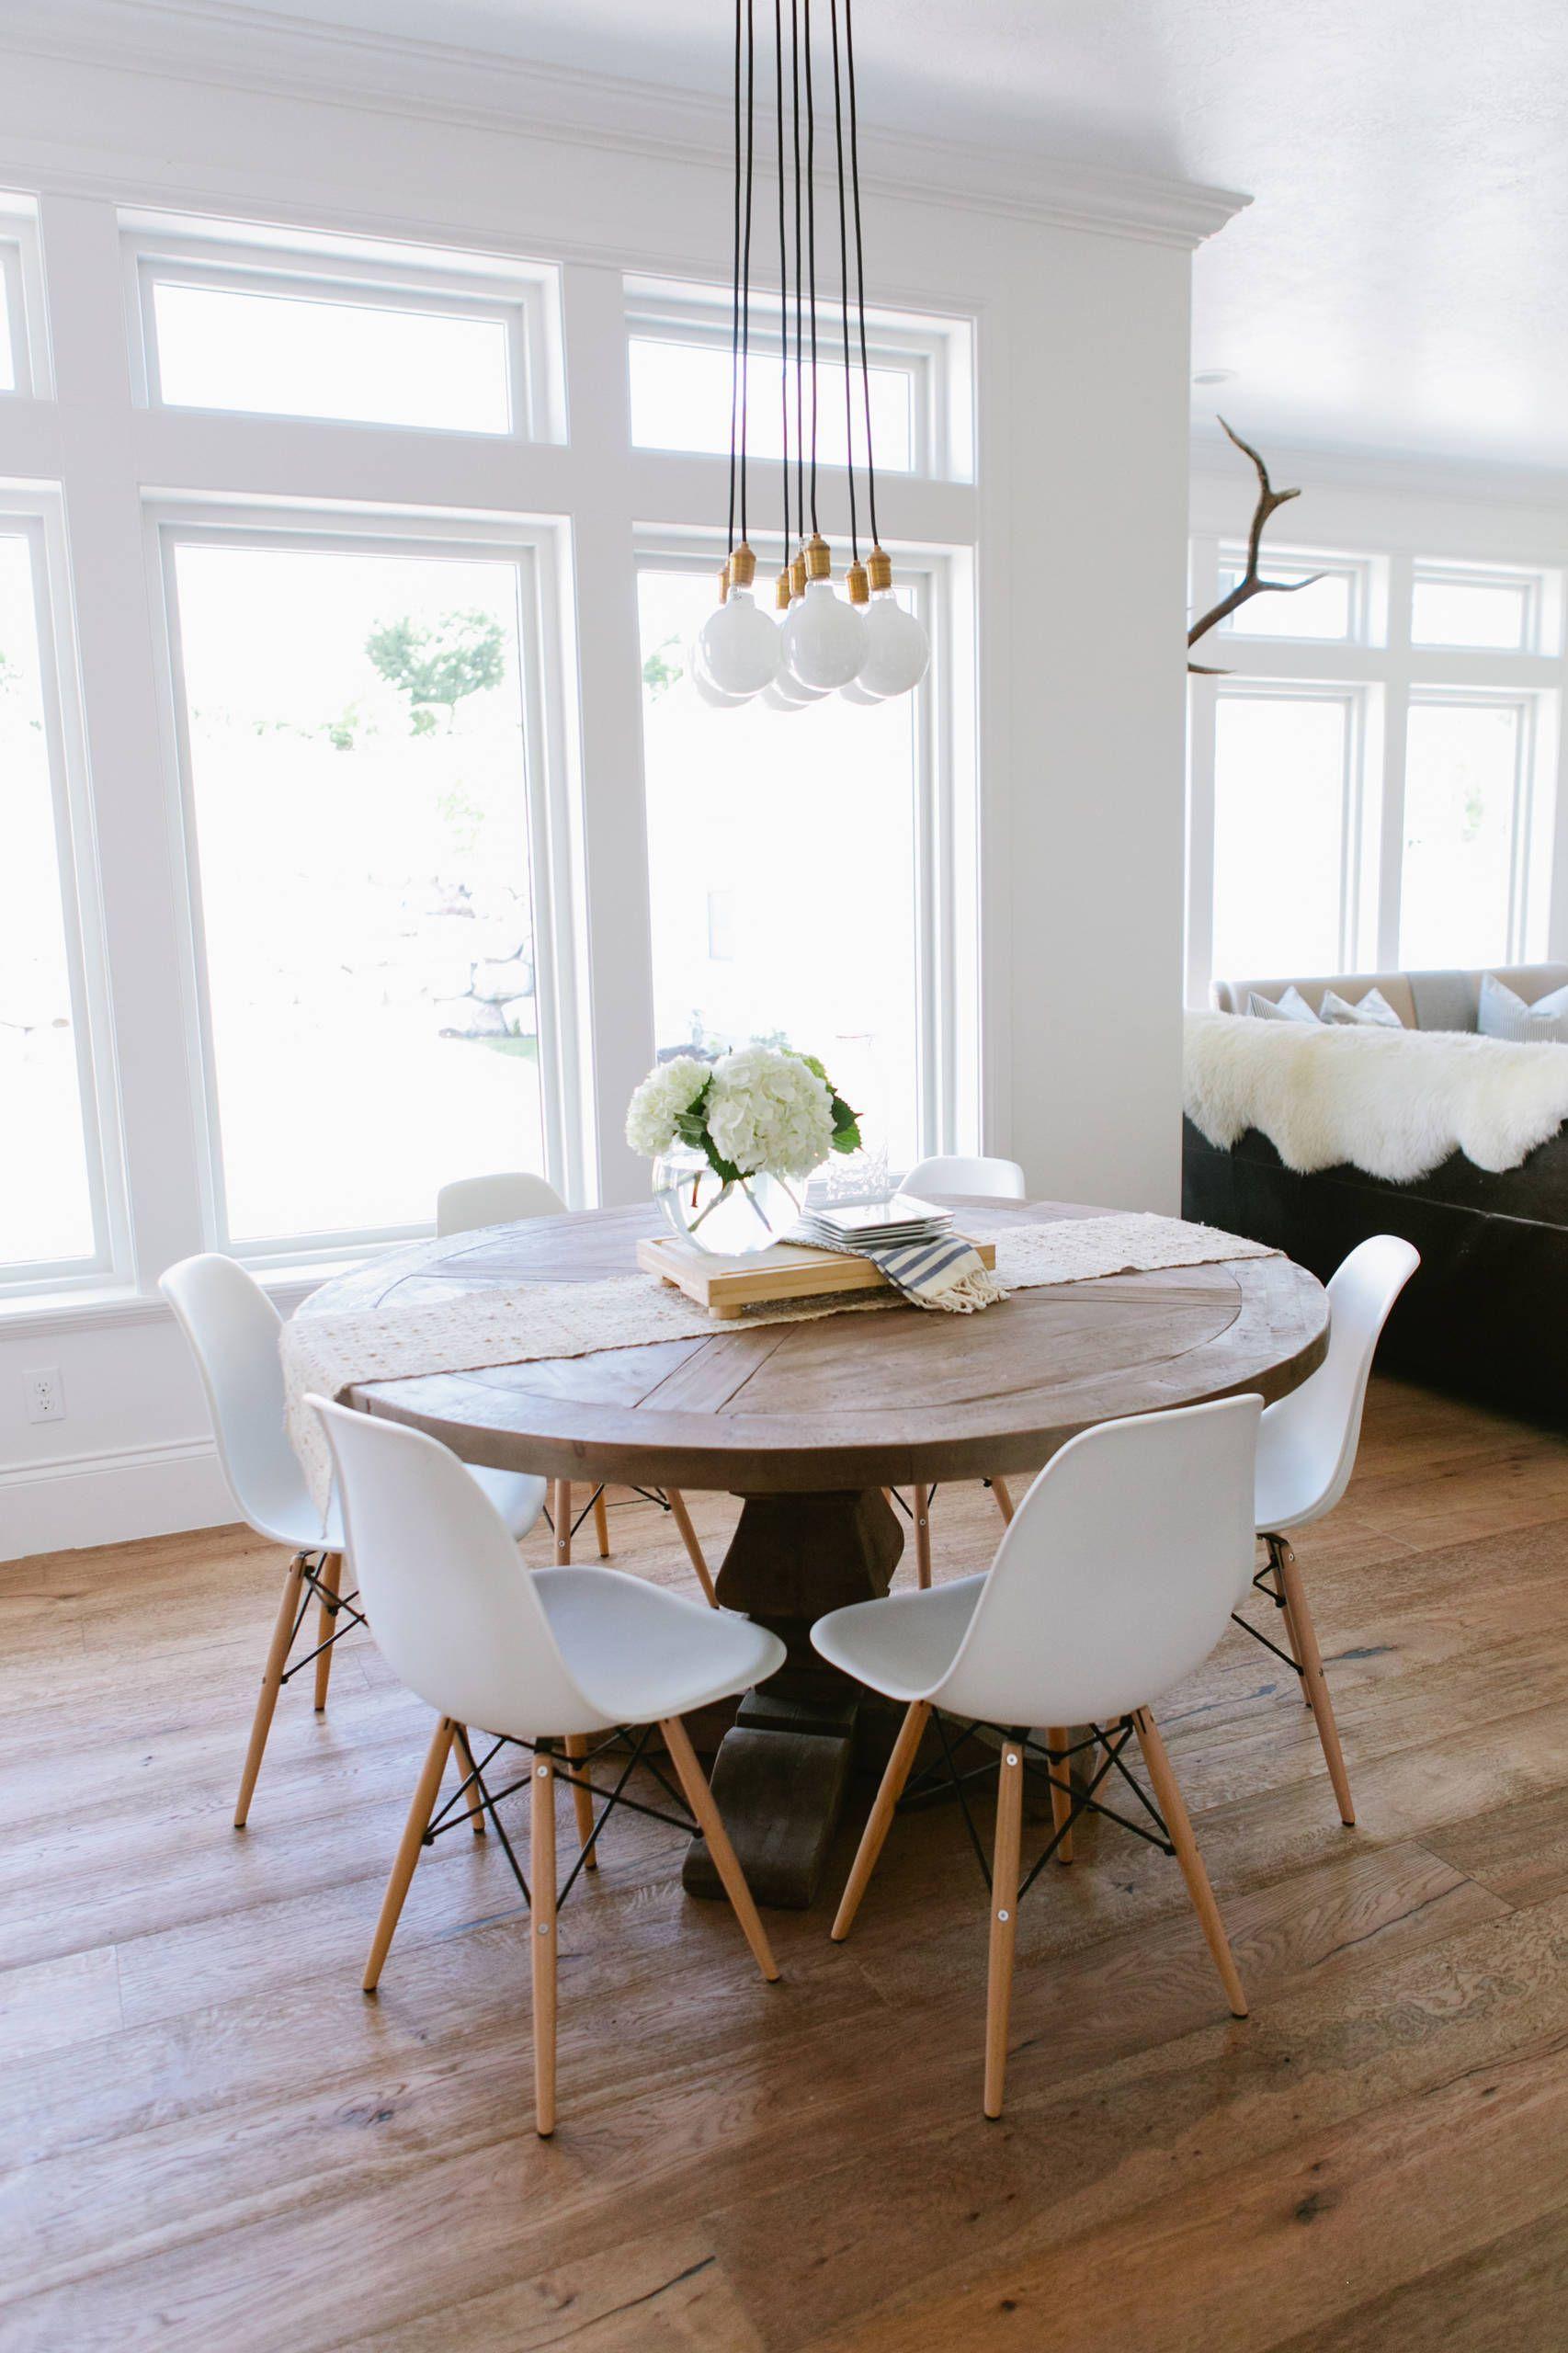 Trevor Rustikalen Design Runde Mango Holz Tisch Snowbound